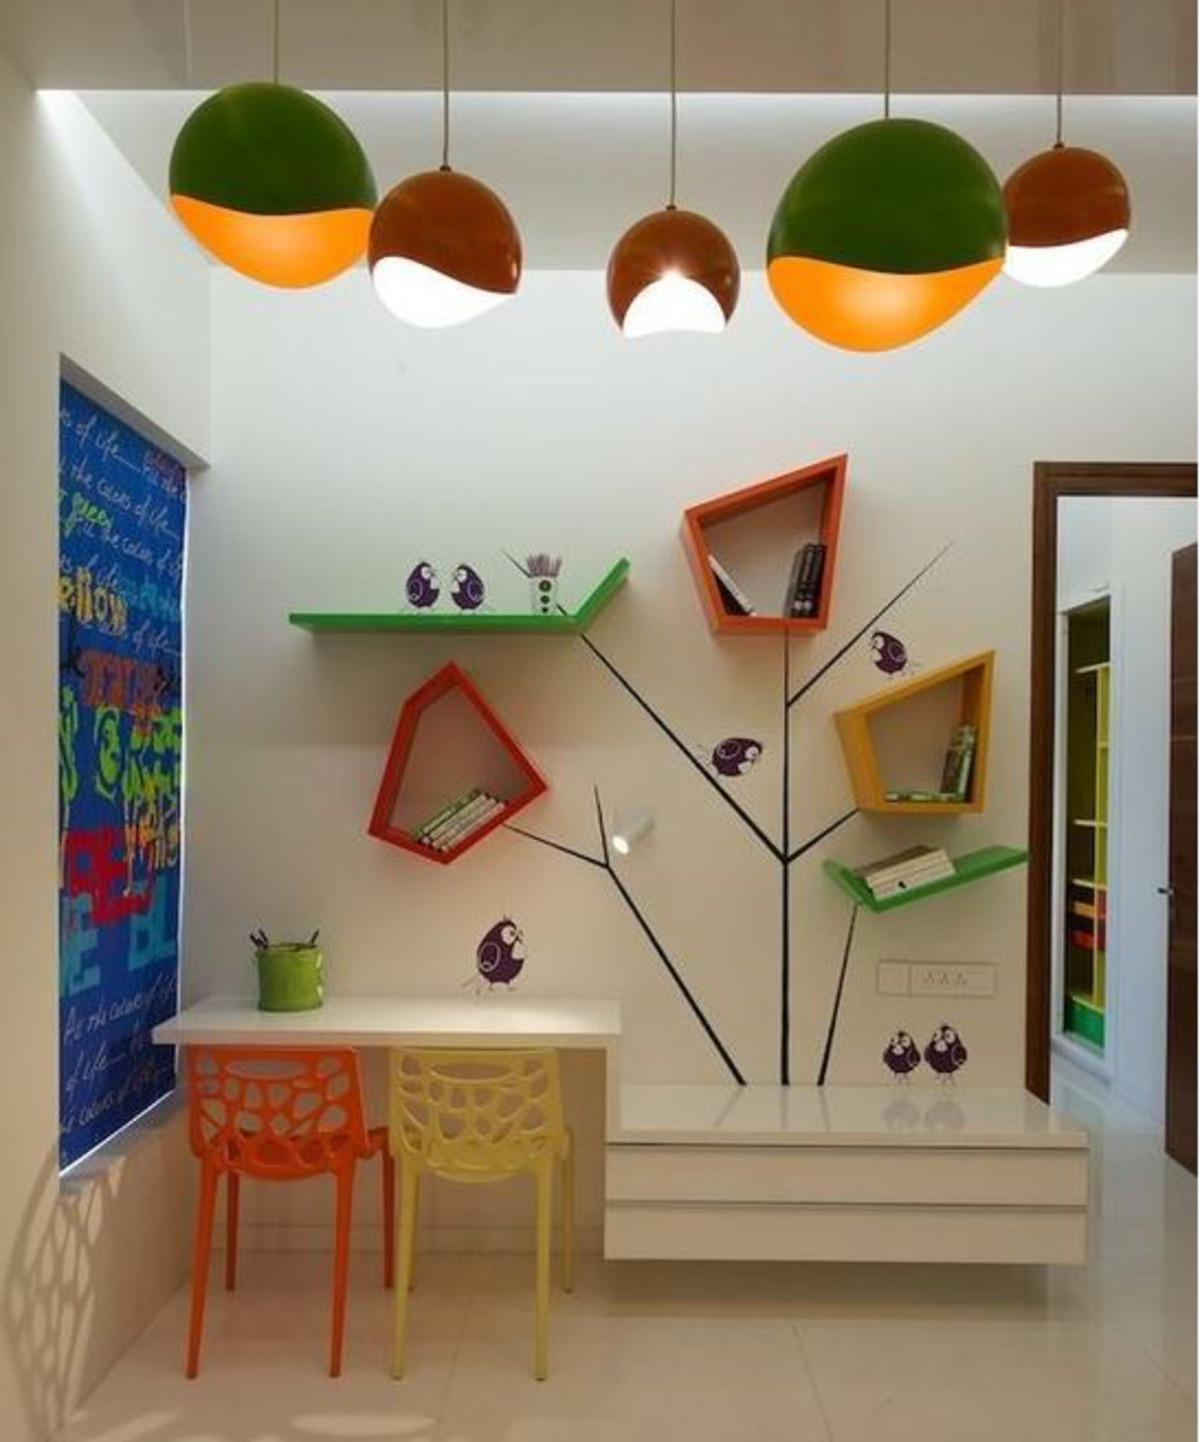 decoração ludica no quarto dos filhos